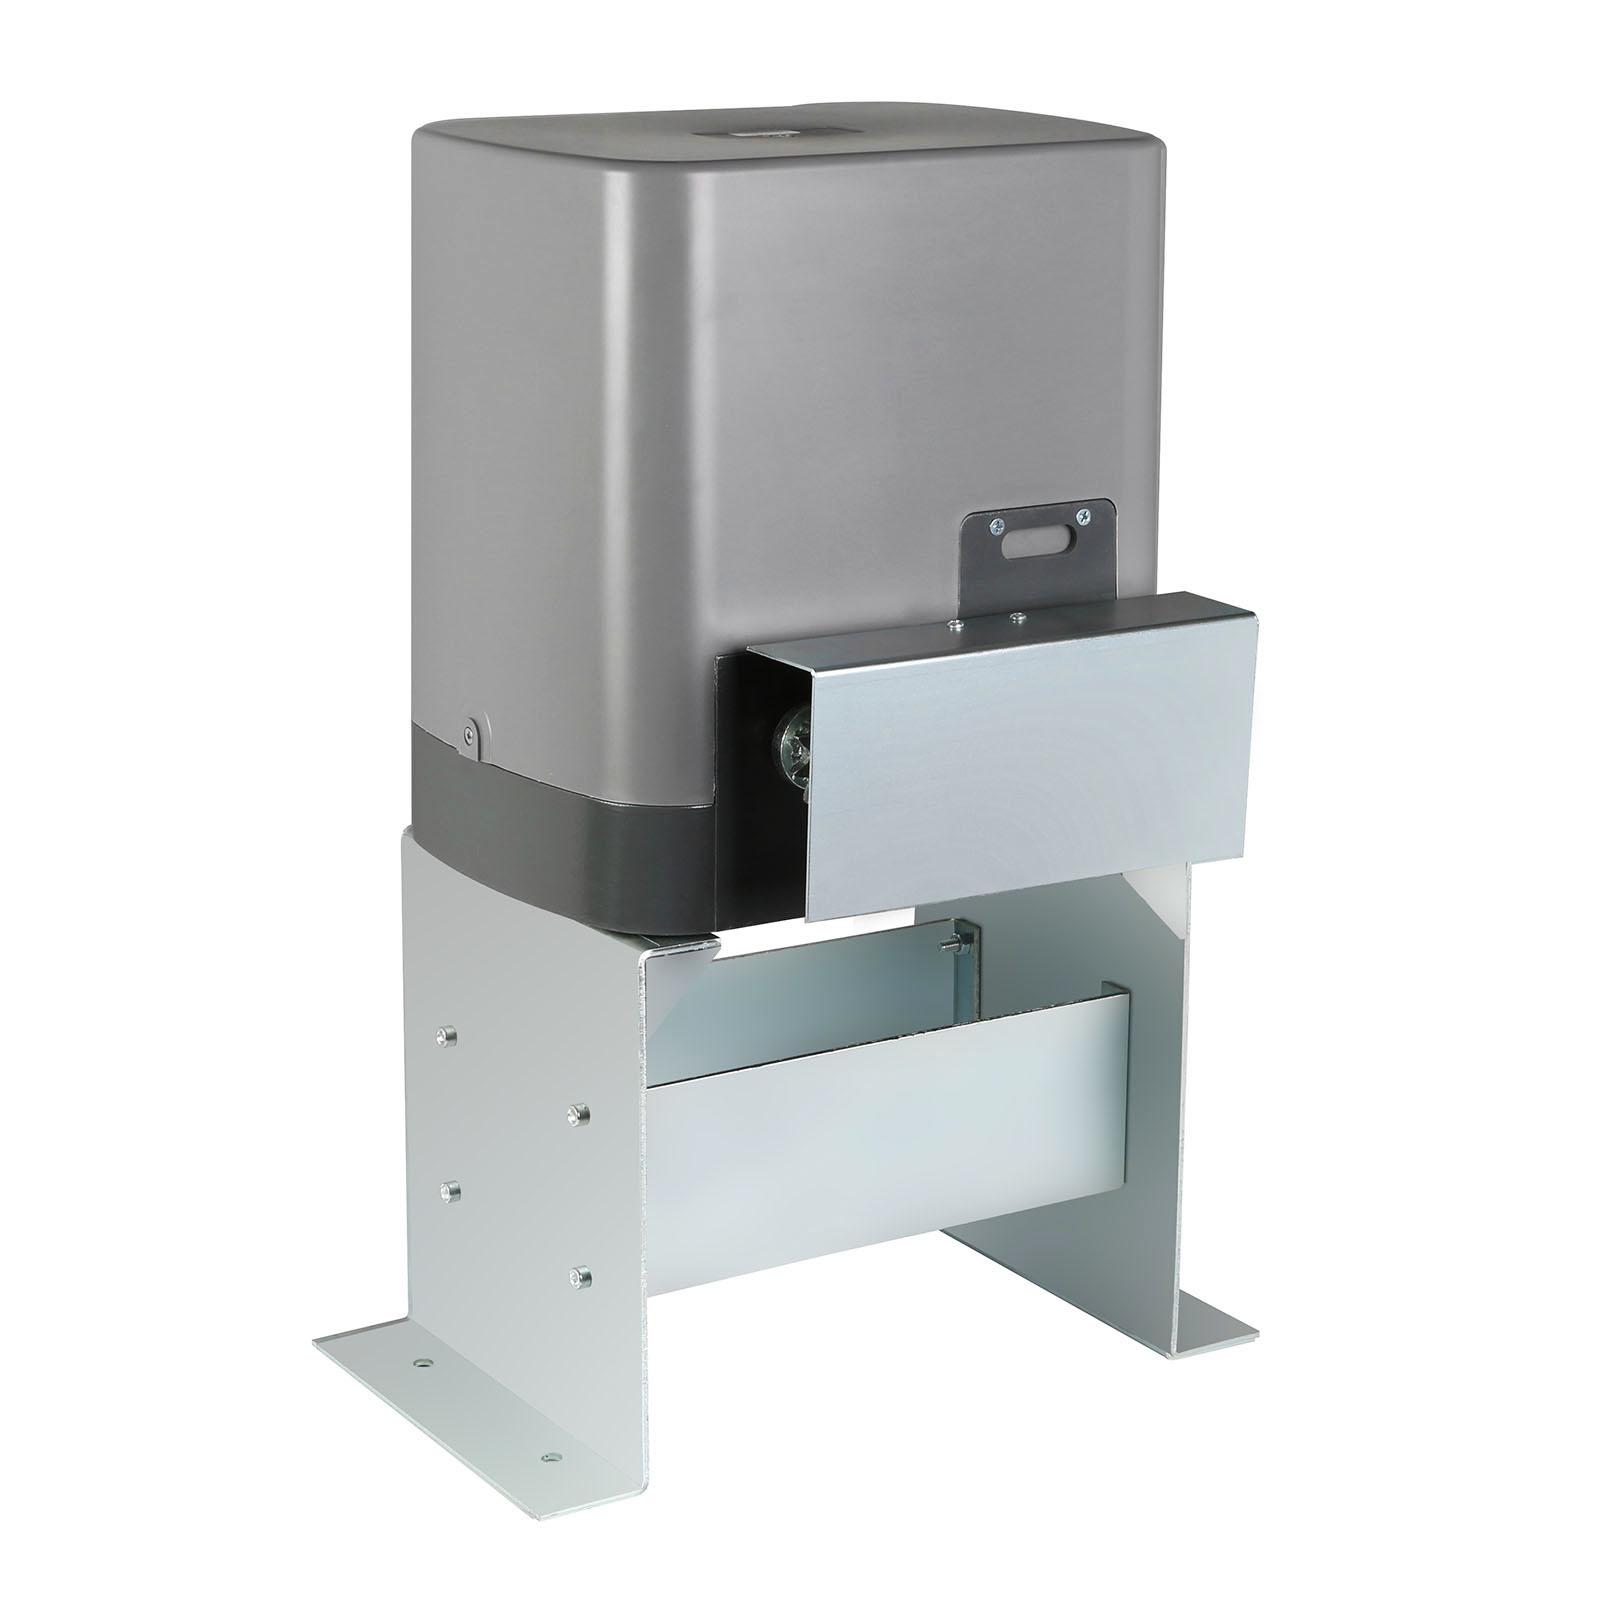 Sliding gate opener kit 600kg 800kg 1400kg electric for Sliding driveway gate hardware